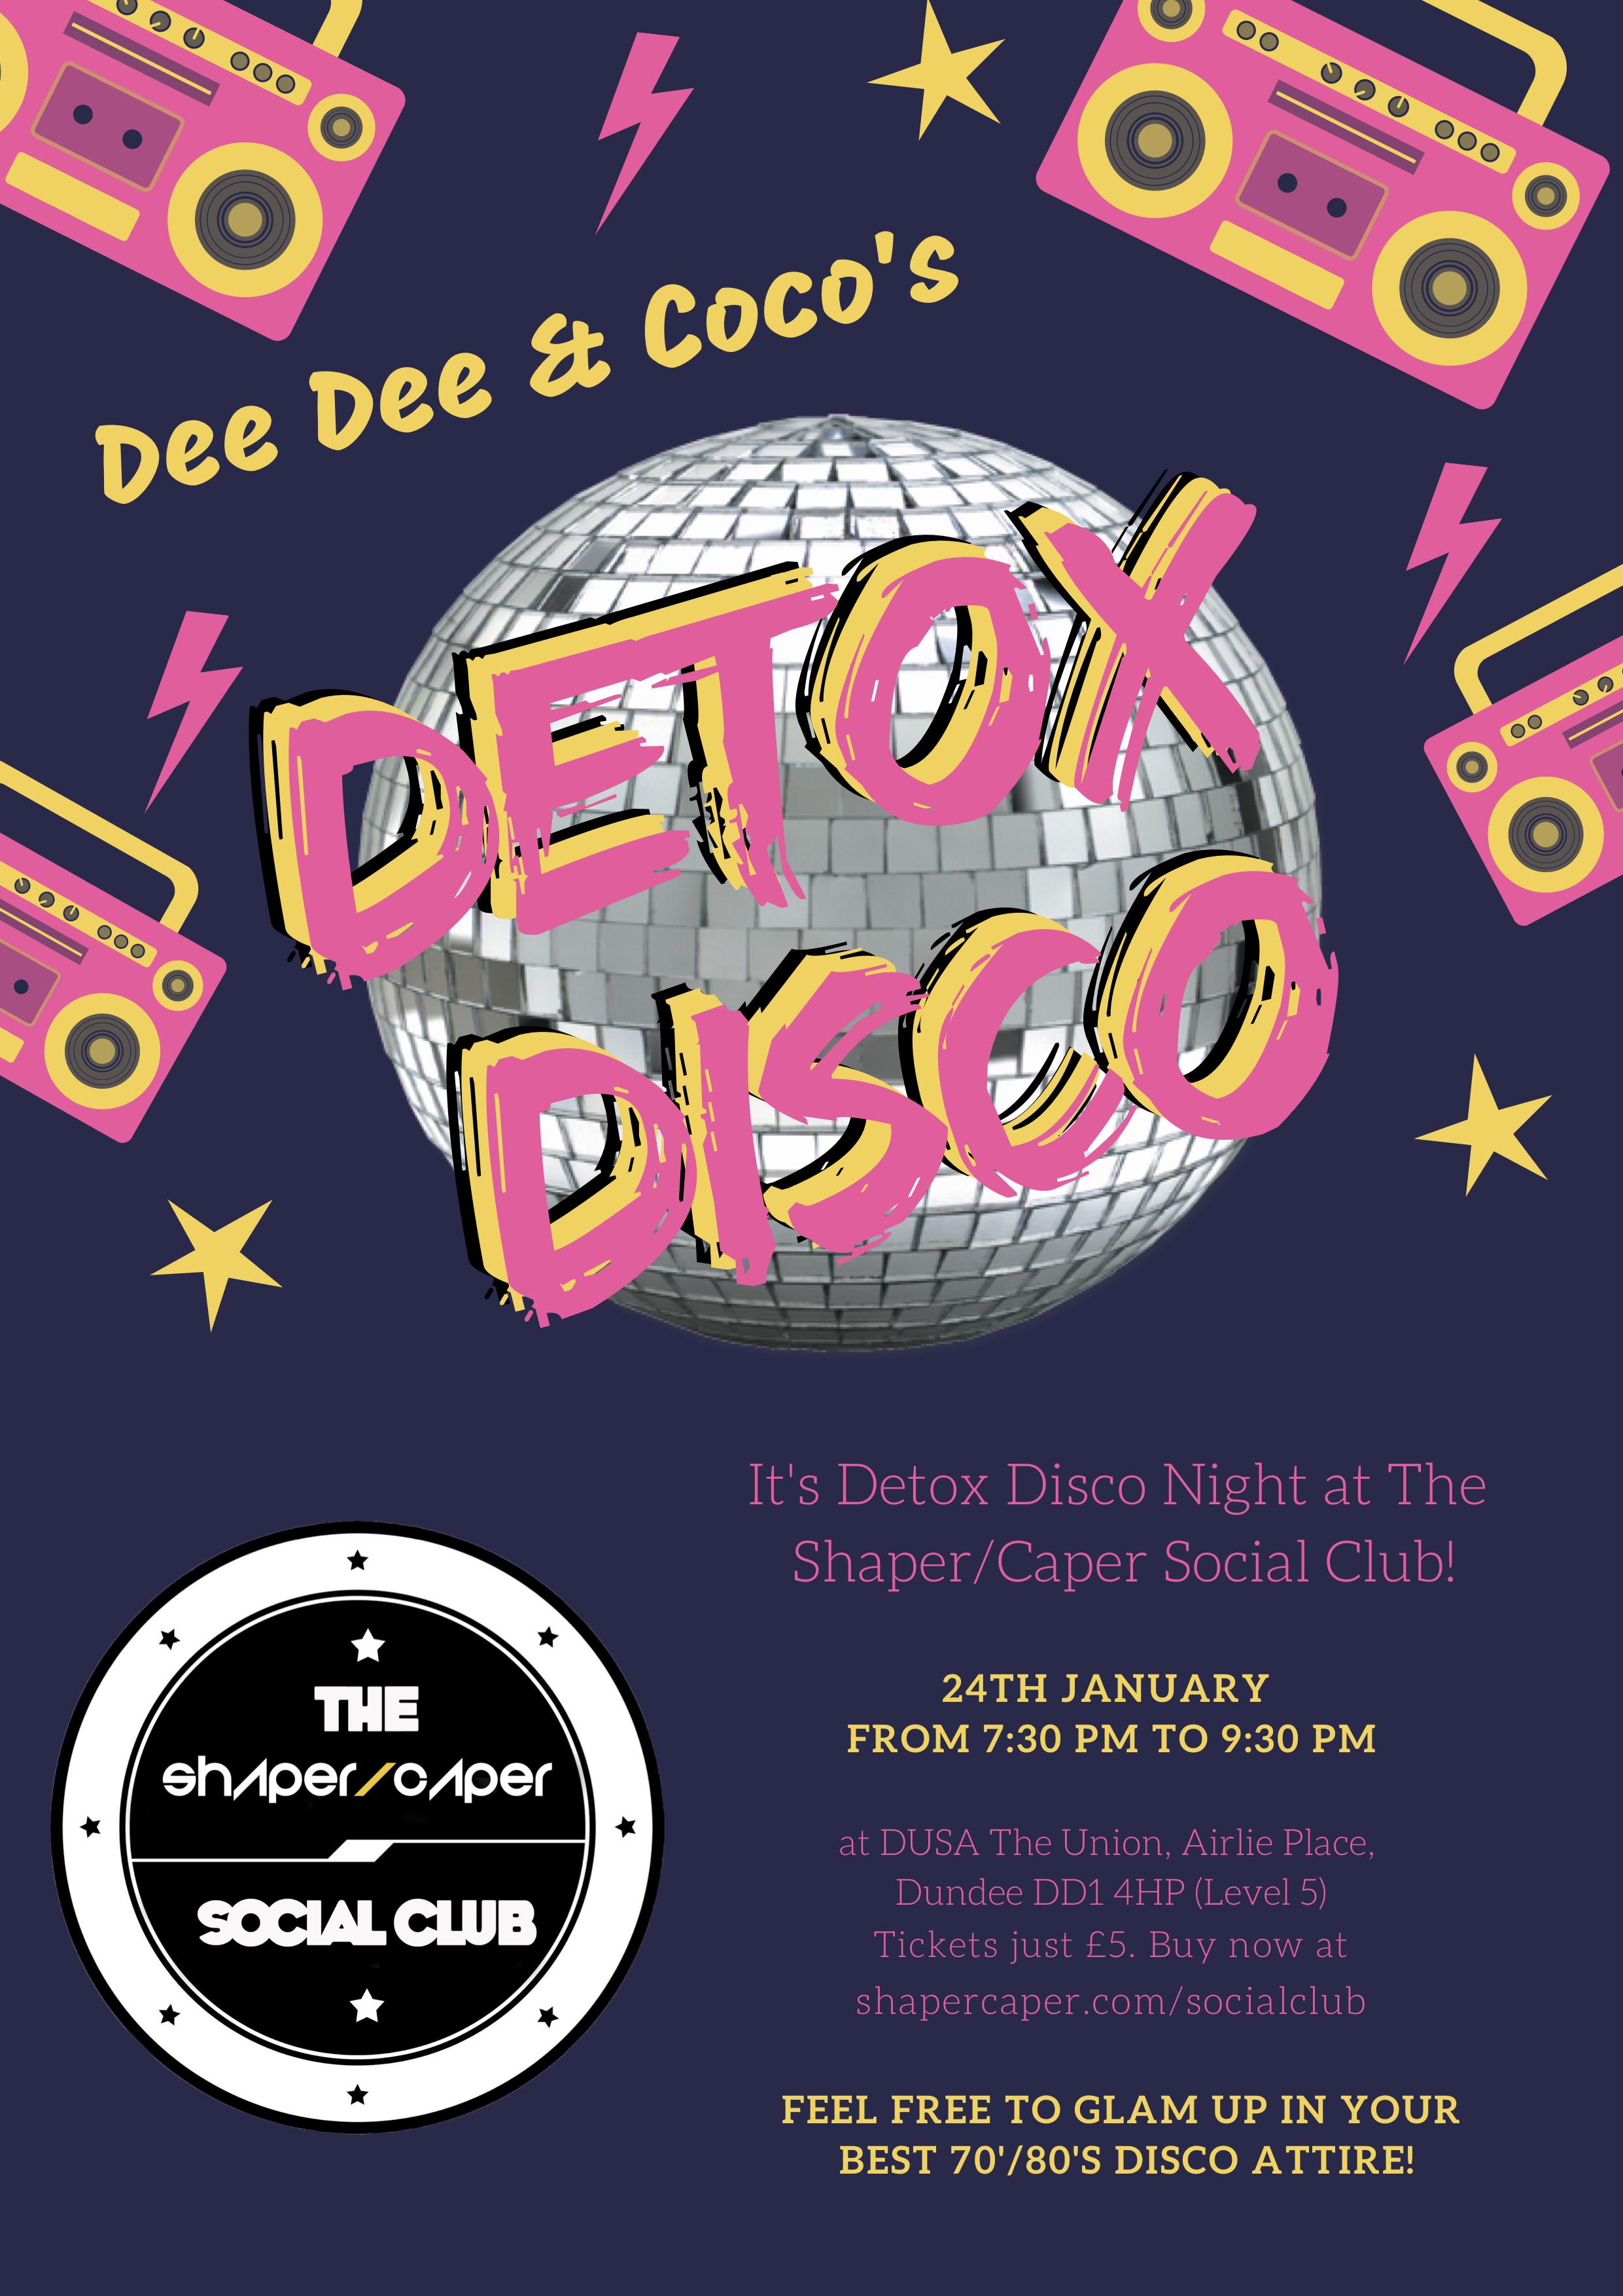 detox disco-6 final.jpg